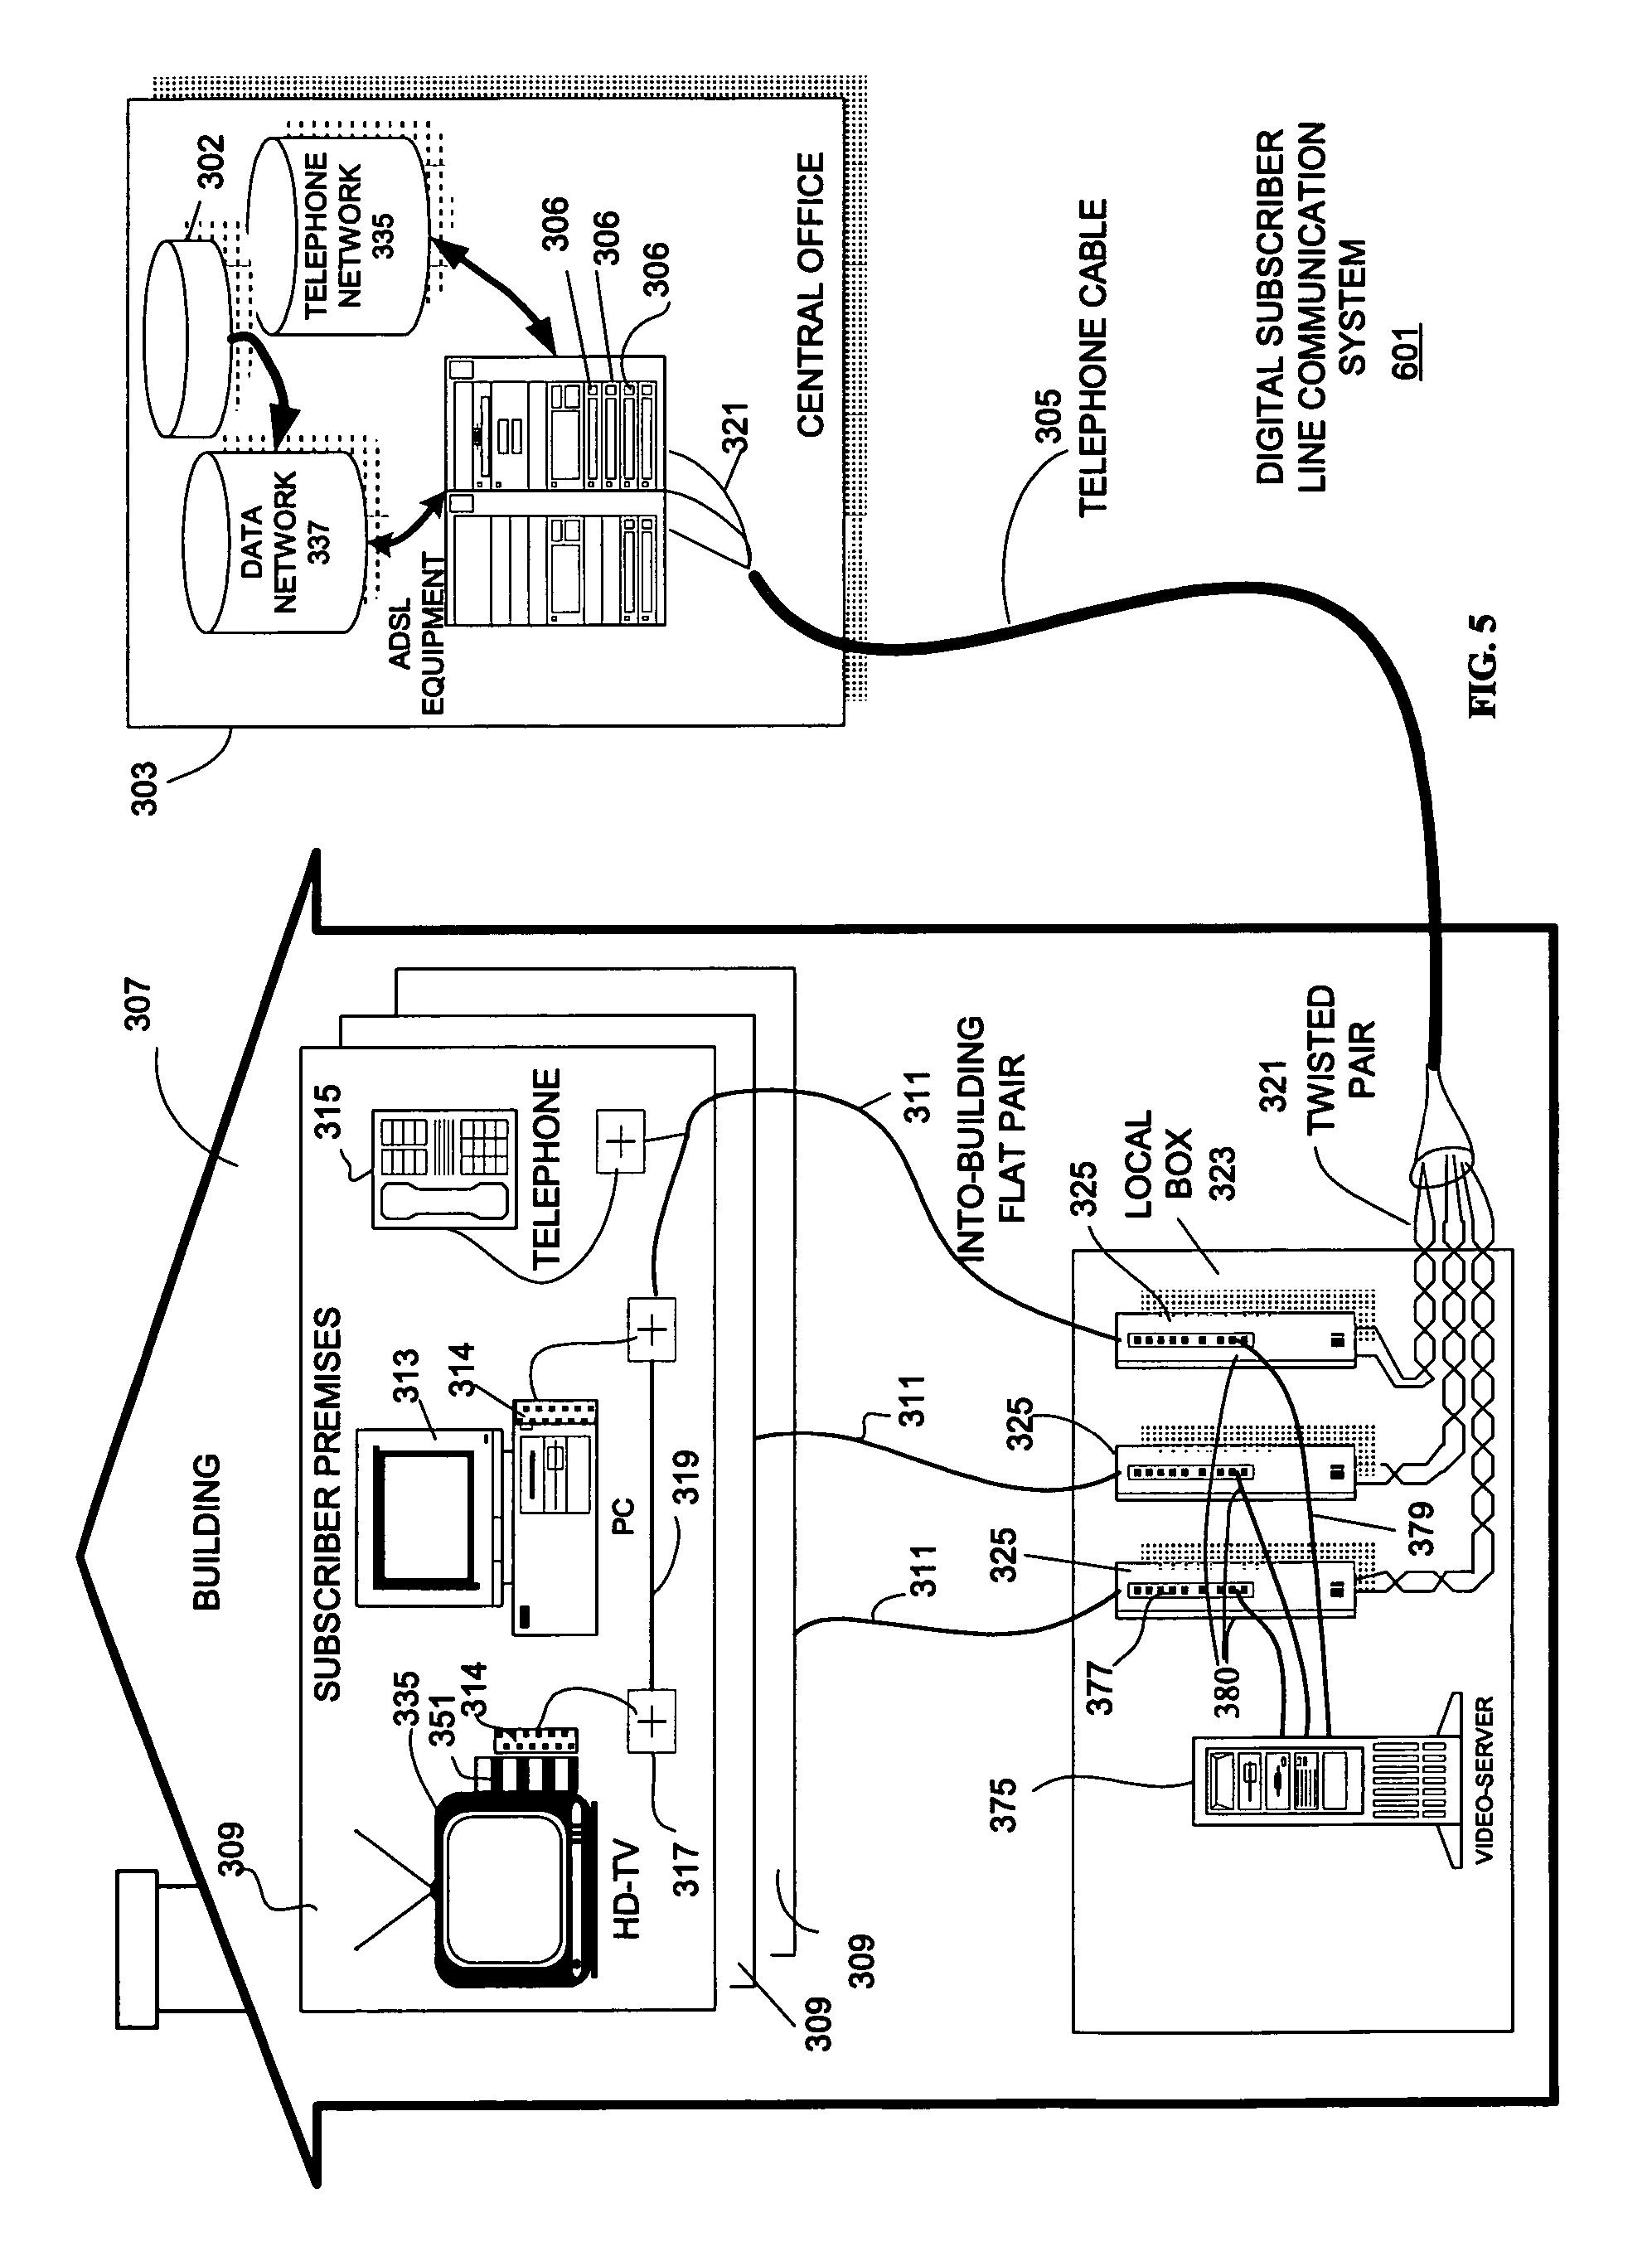 patent us7873976